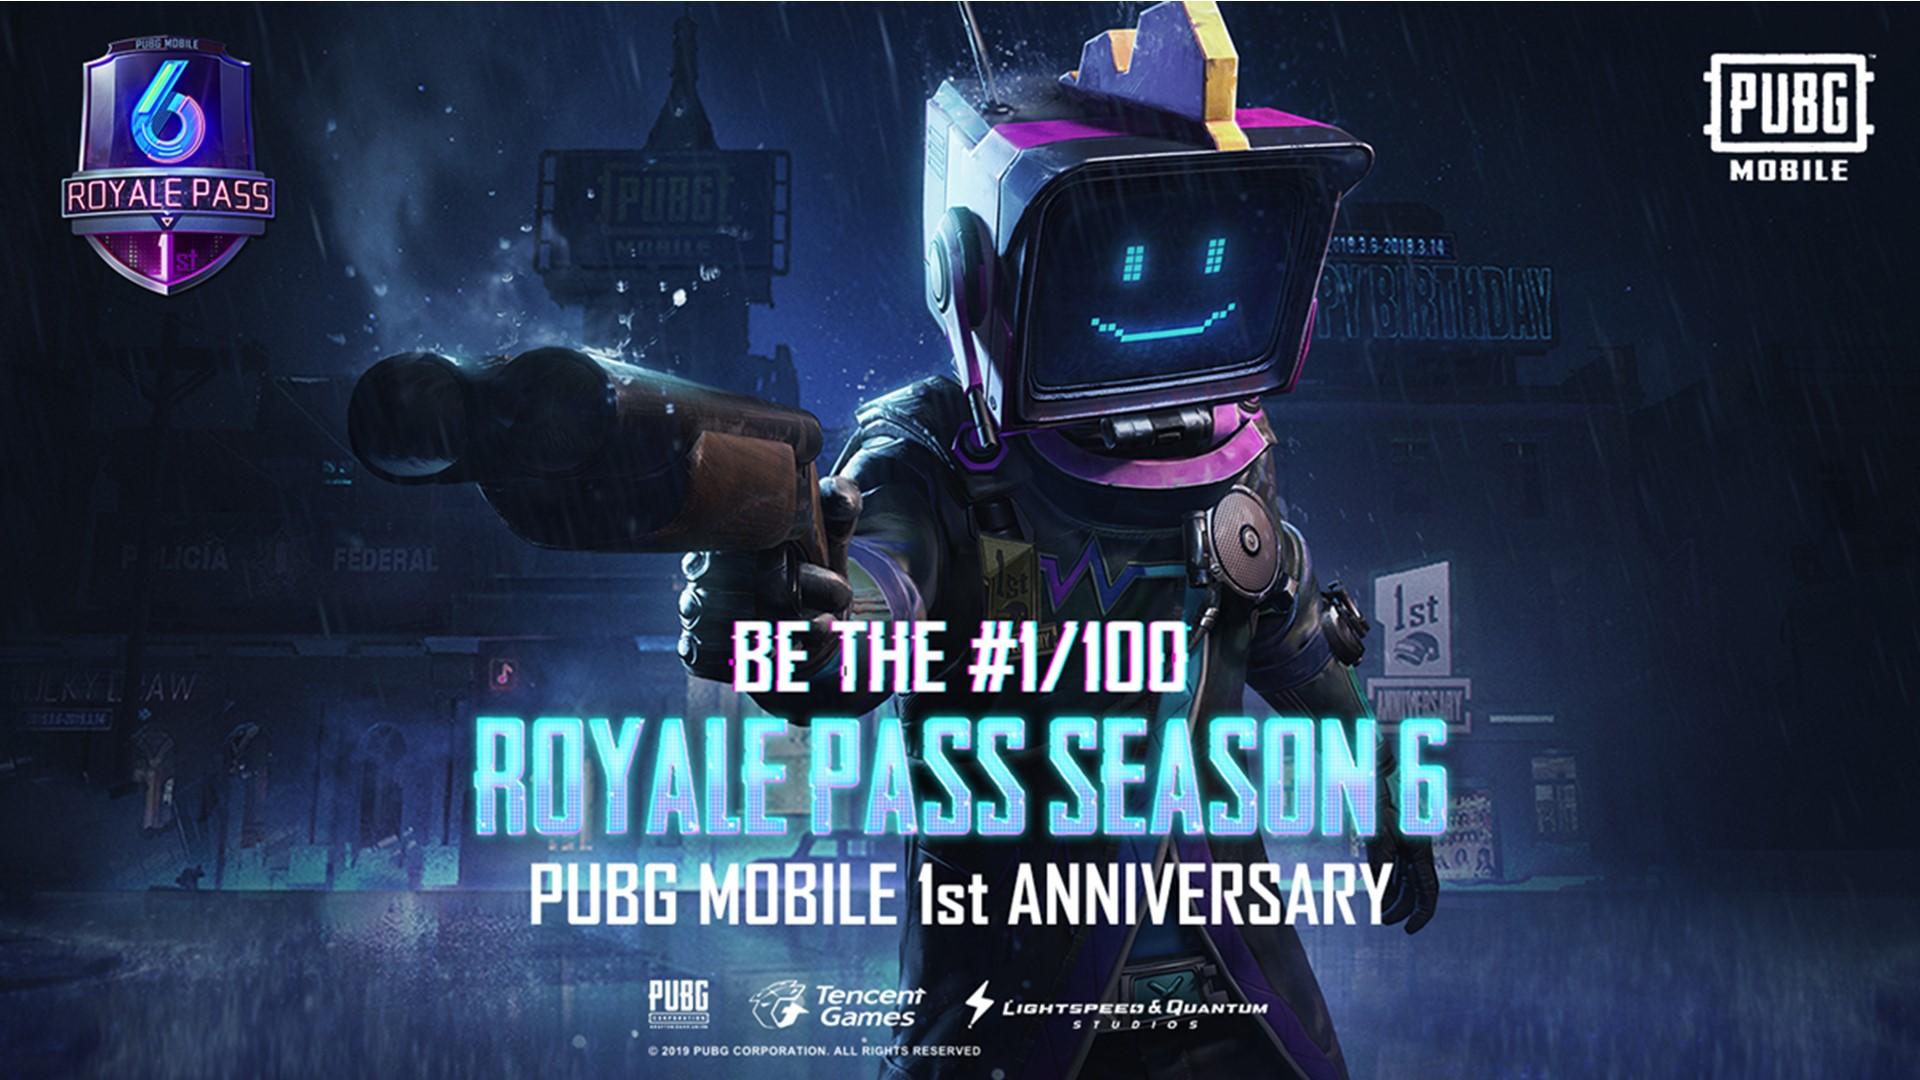 PUBG Mobile premier anniversaire: Saison 6, de nouvelles armes, de véhicules, et plus